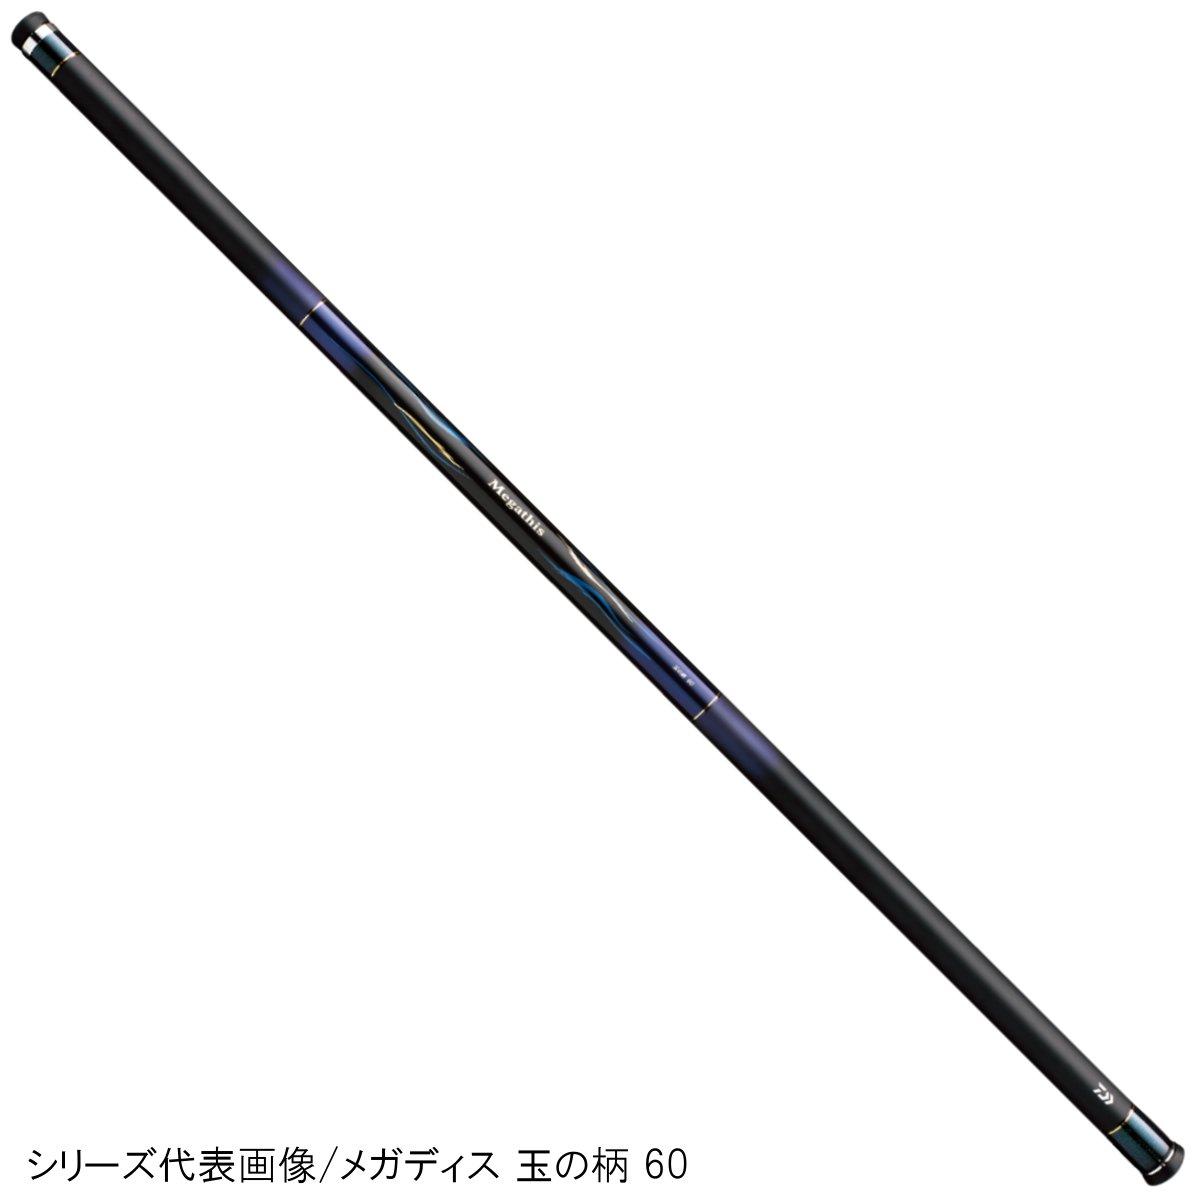 ダイワ メガディス 玉の柄 50(東日本店)